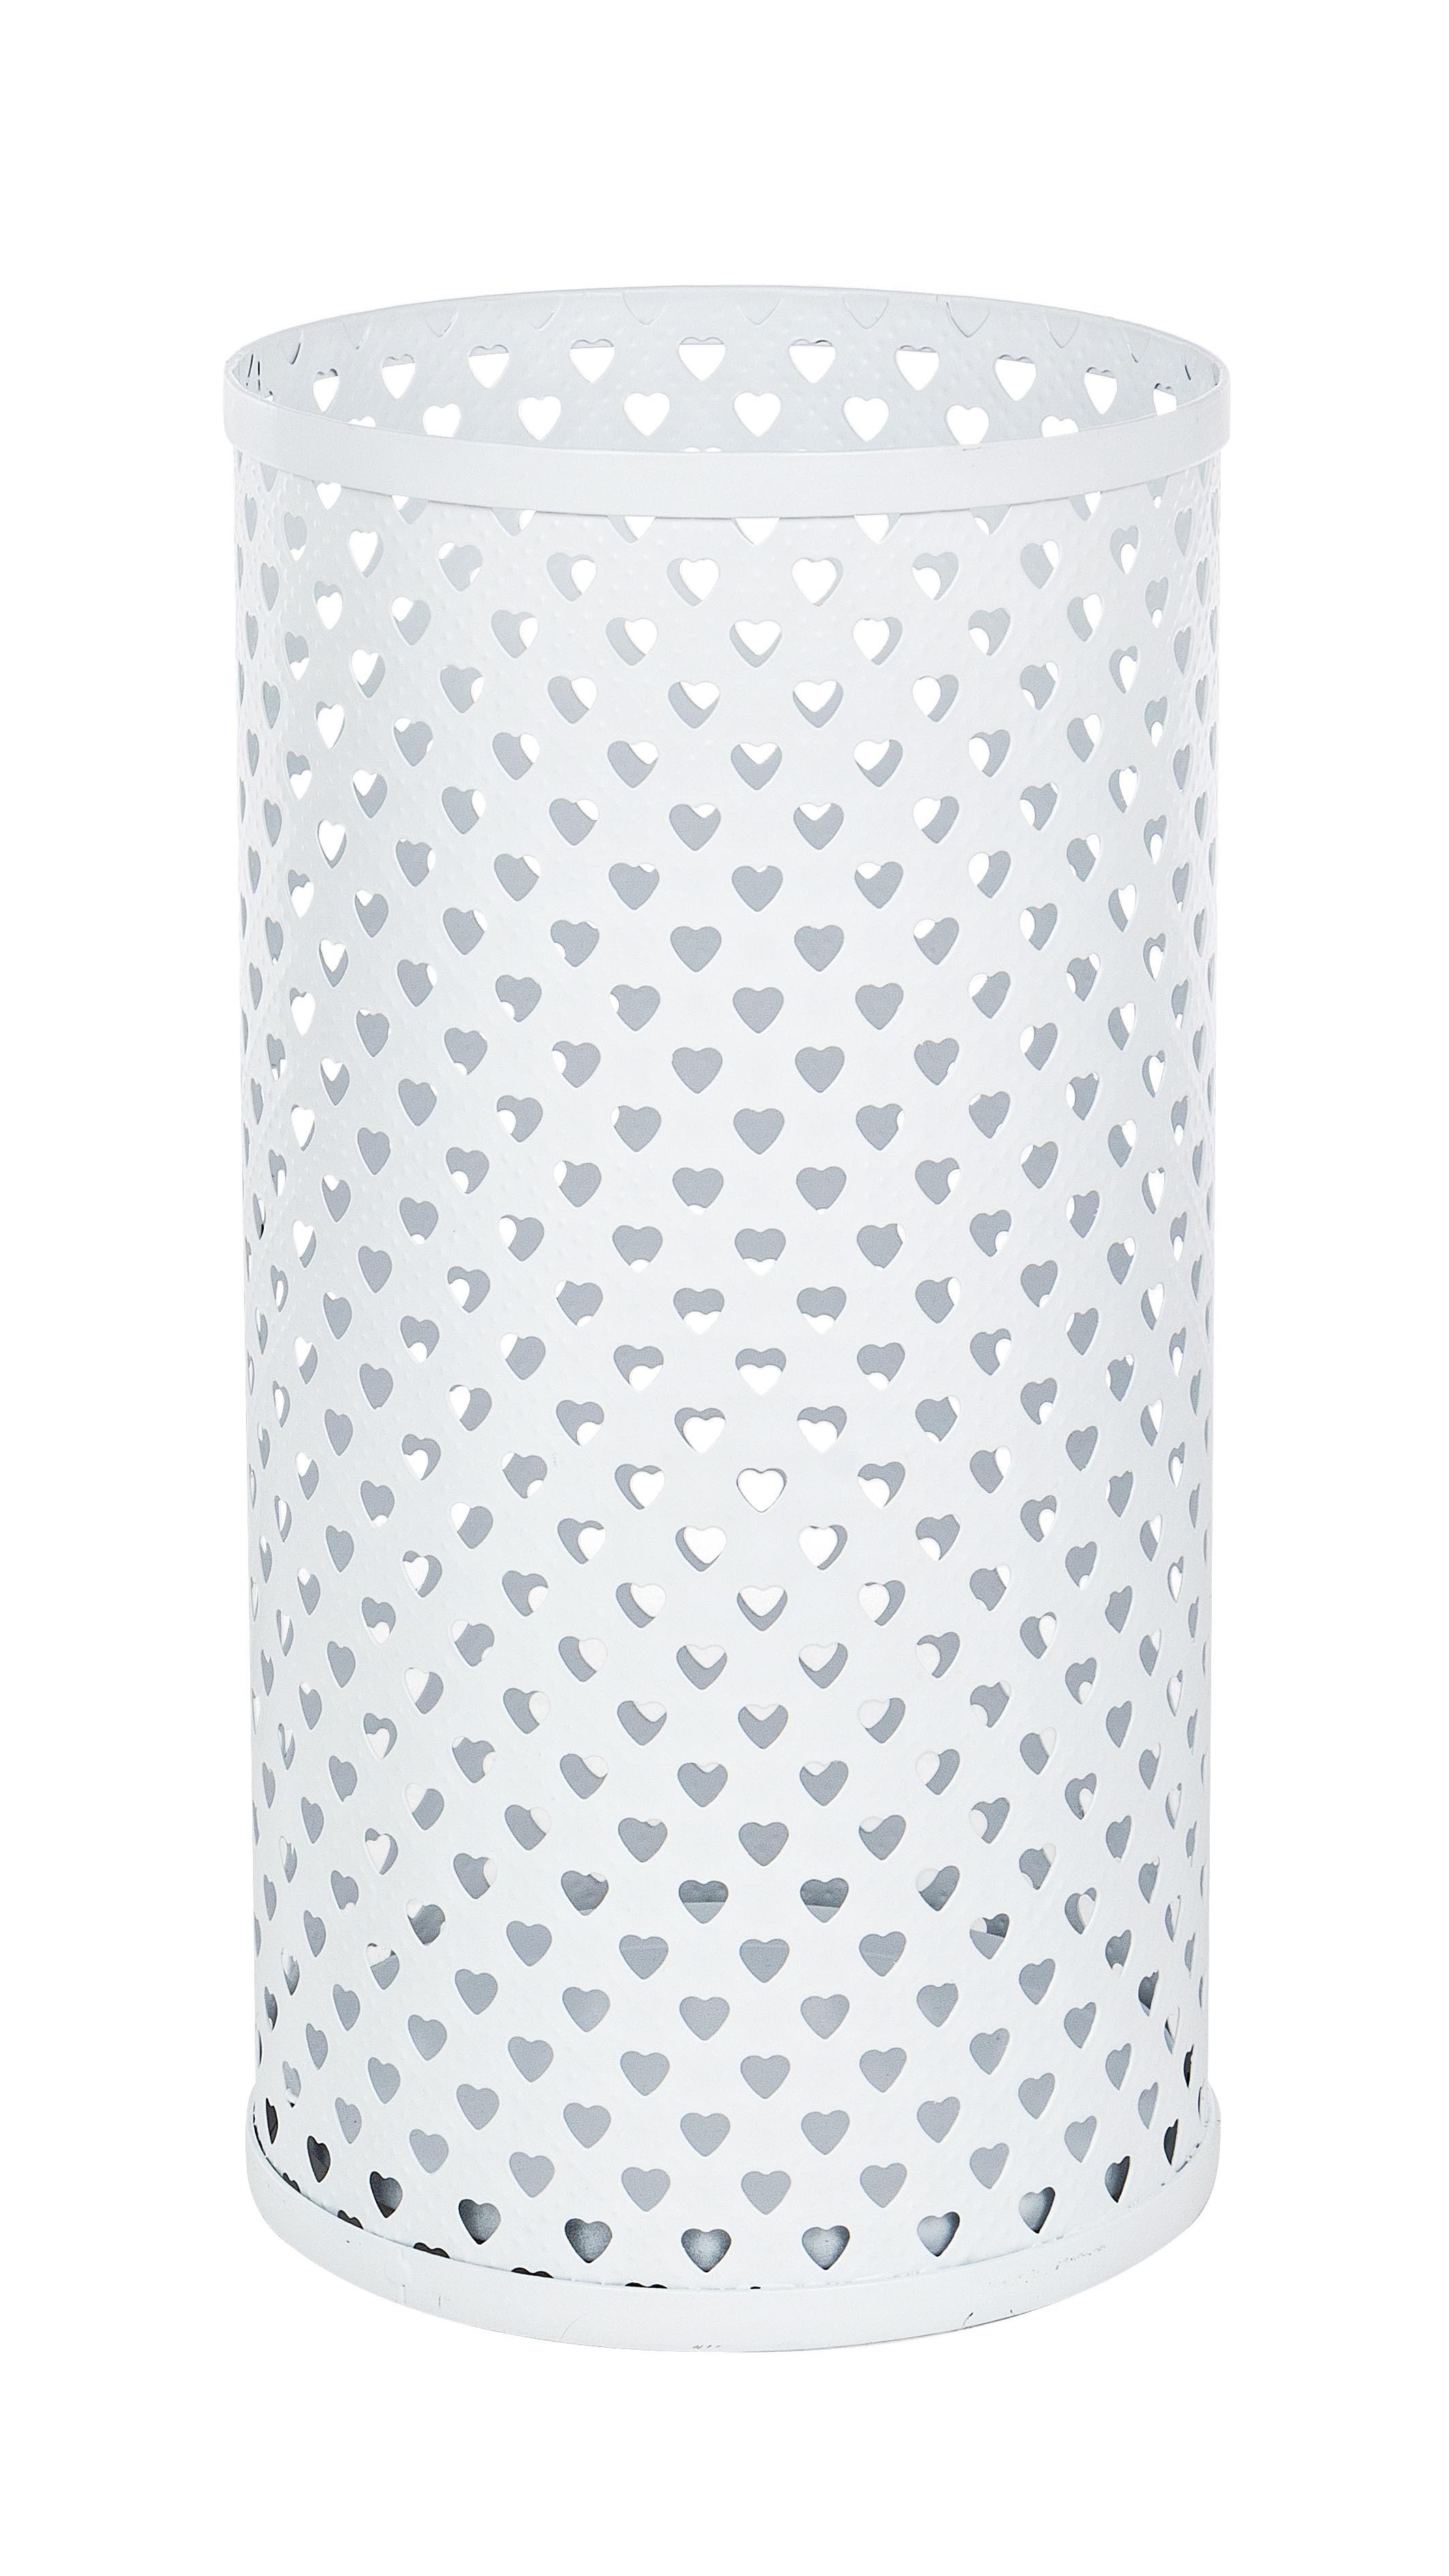 Suport metalic pentru umbrele, Heart Alb, Ø24xH45 cm imagine